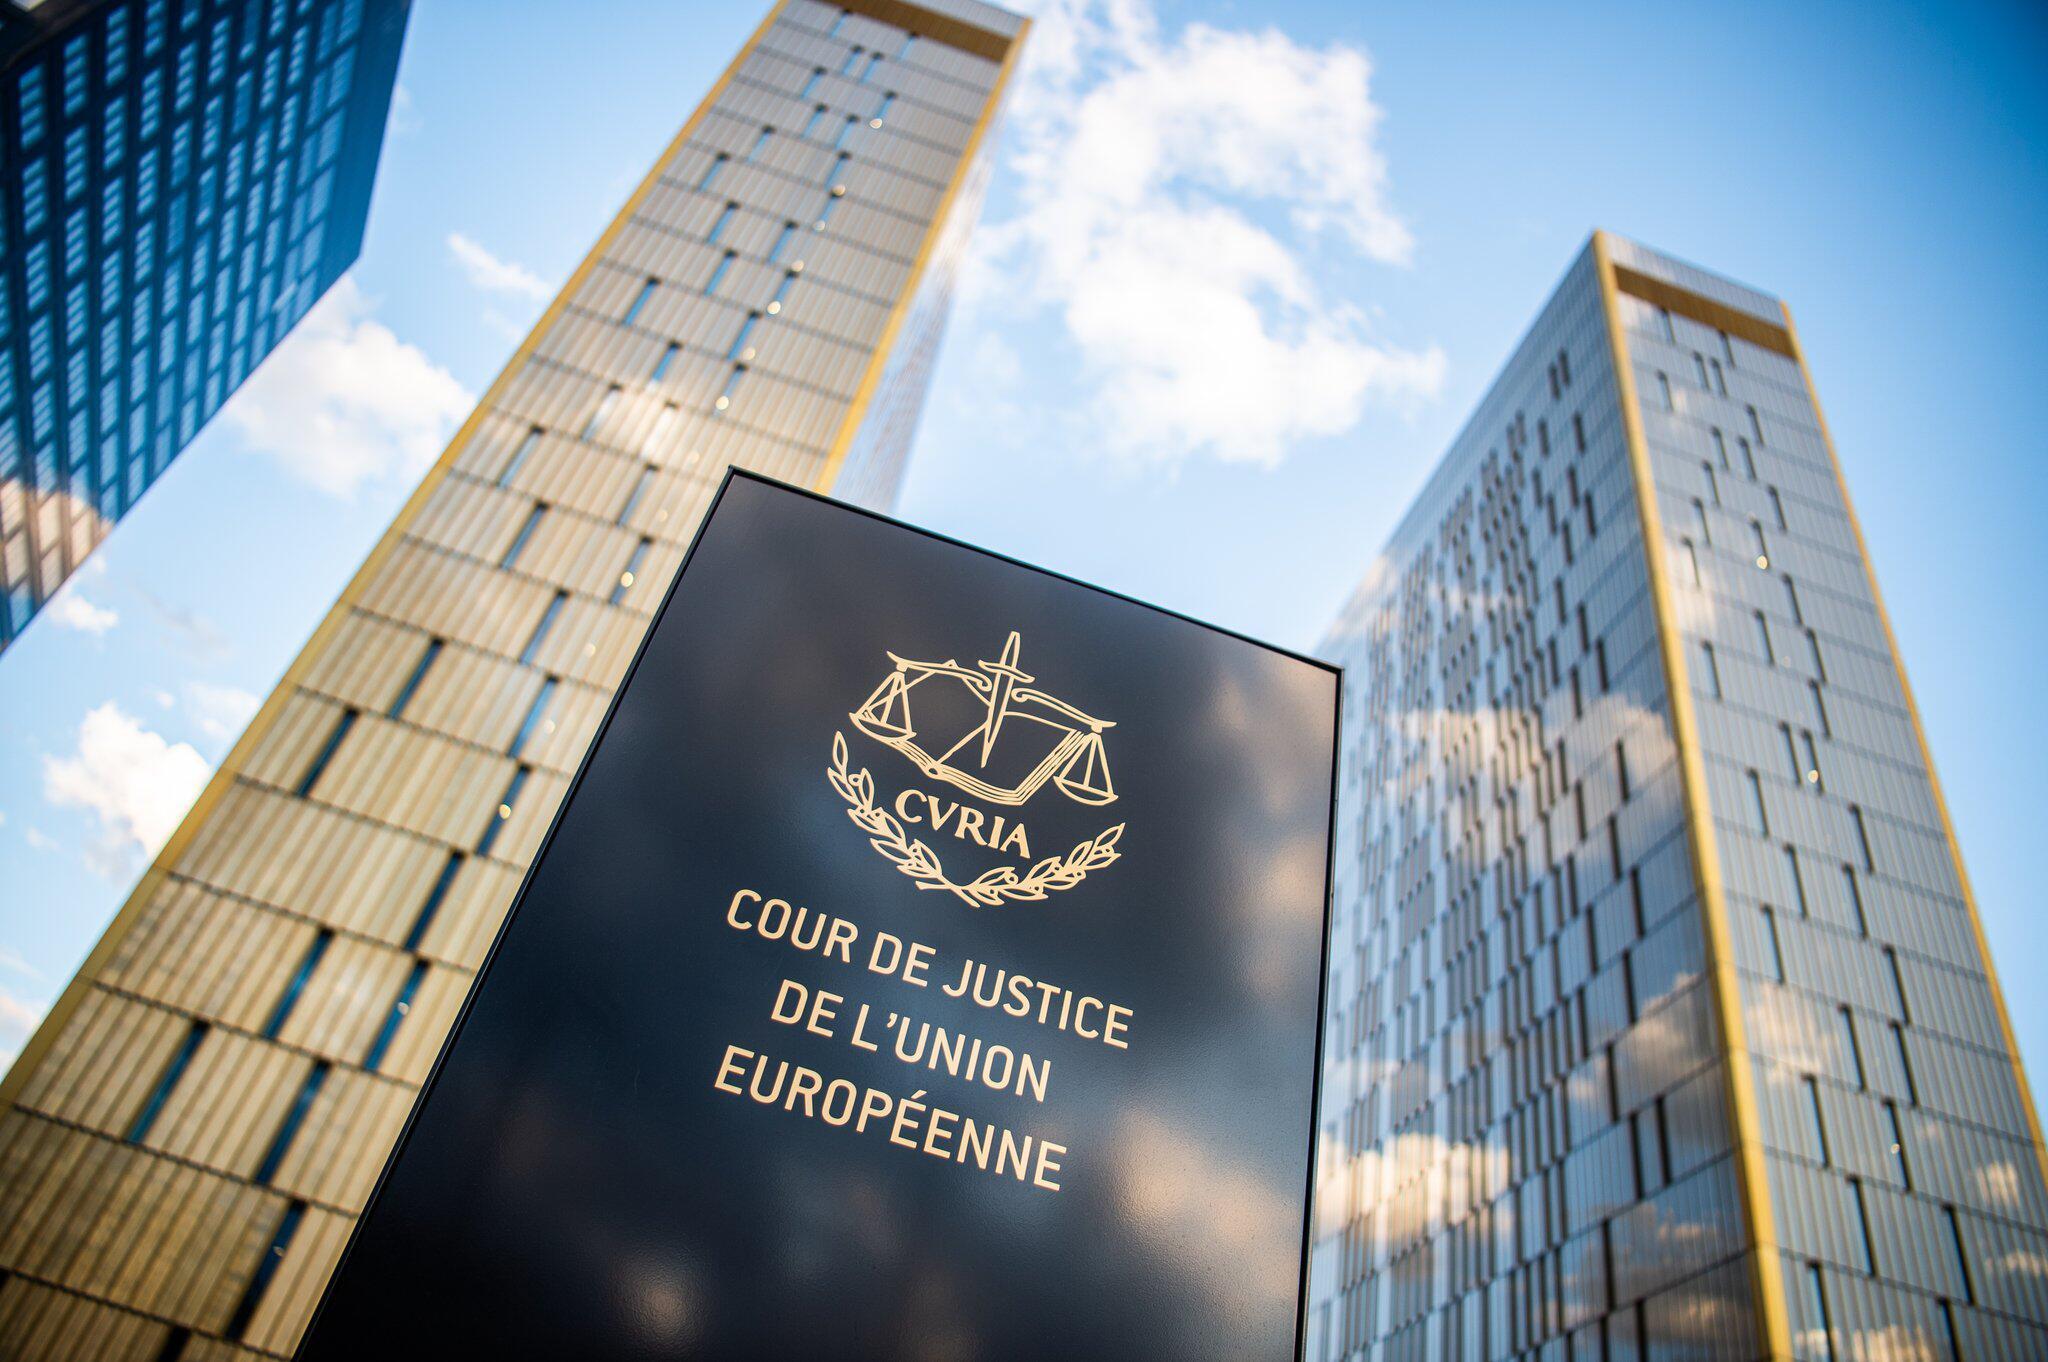 Bild zu EuGH, Europäischer Gerichtshof, Luxemburg, Cour de Justice de l'Union Europeene